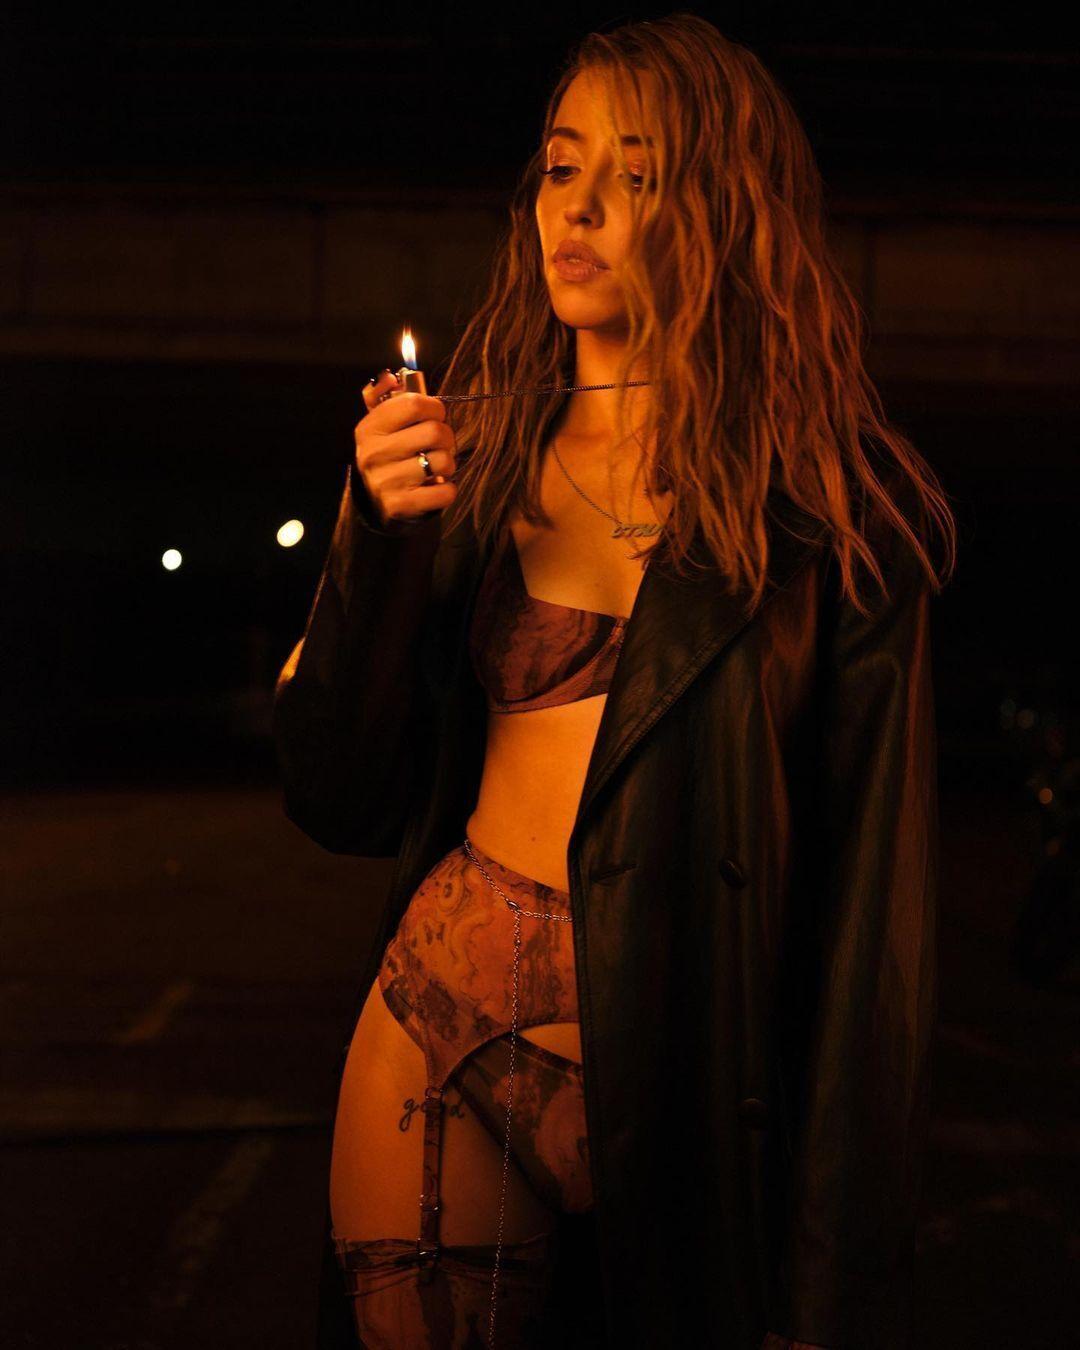 Надя Дорофеева в сексуальном нижнем белье.